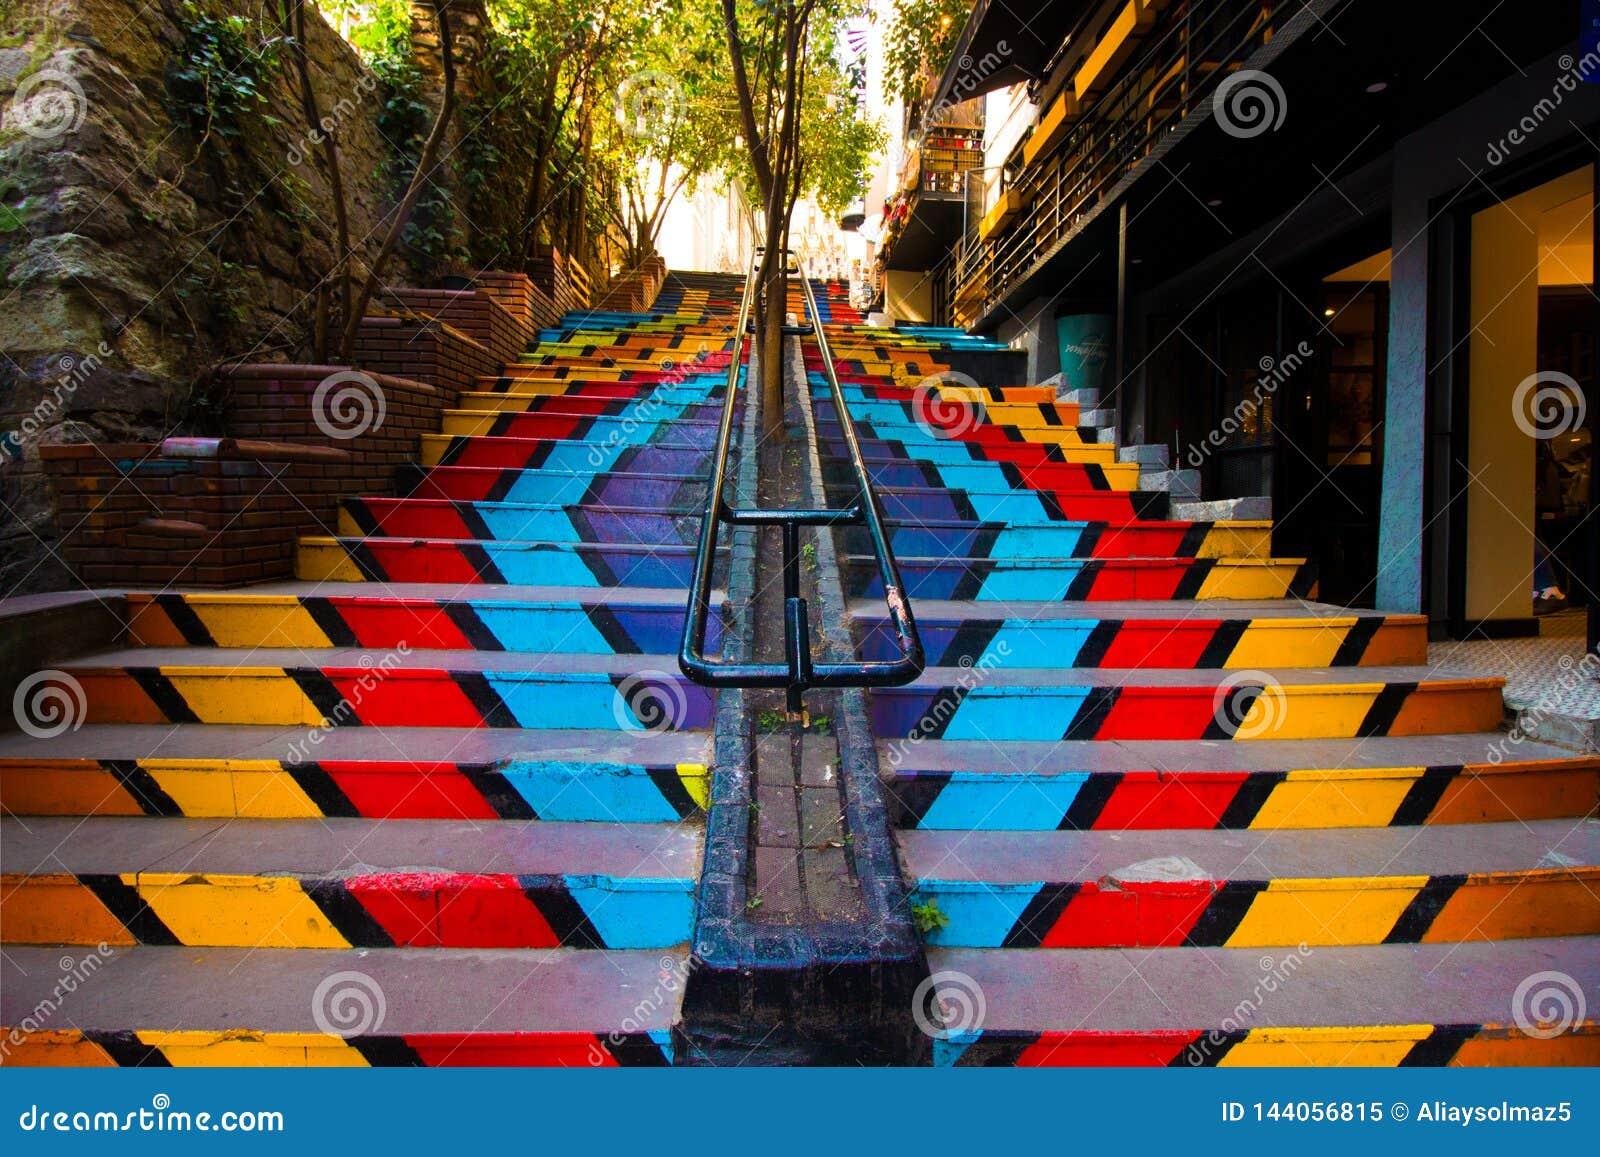 Estambul, Karakoy/Turquía 04 04 2019: Escaleras coloridas, Street Art y concepto de la vida